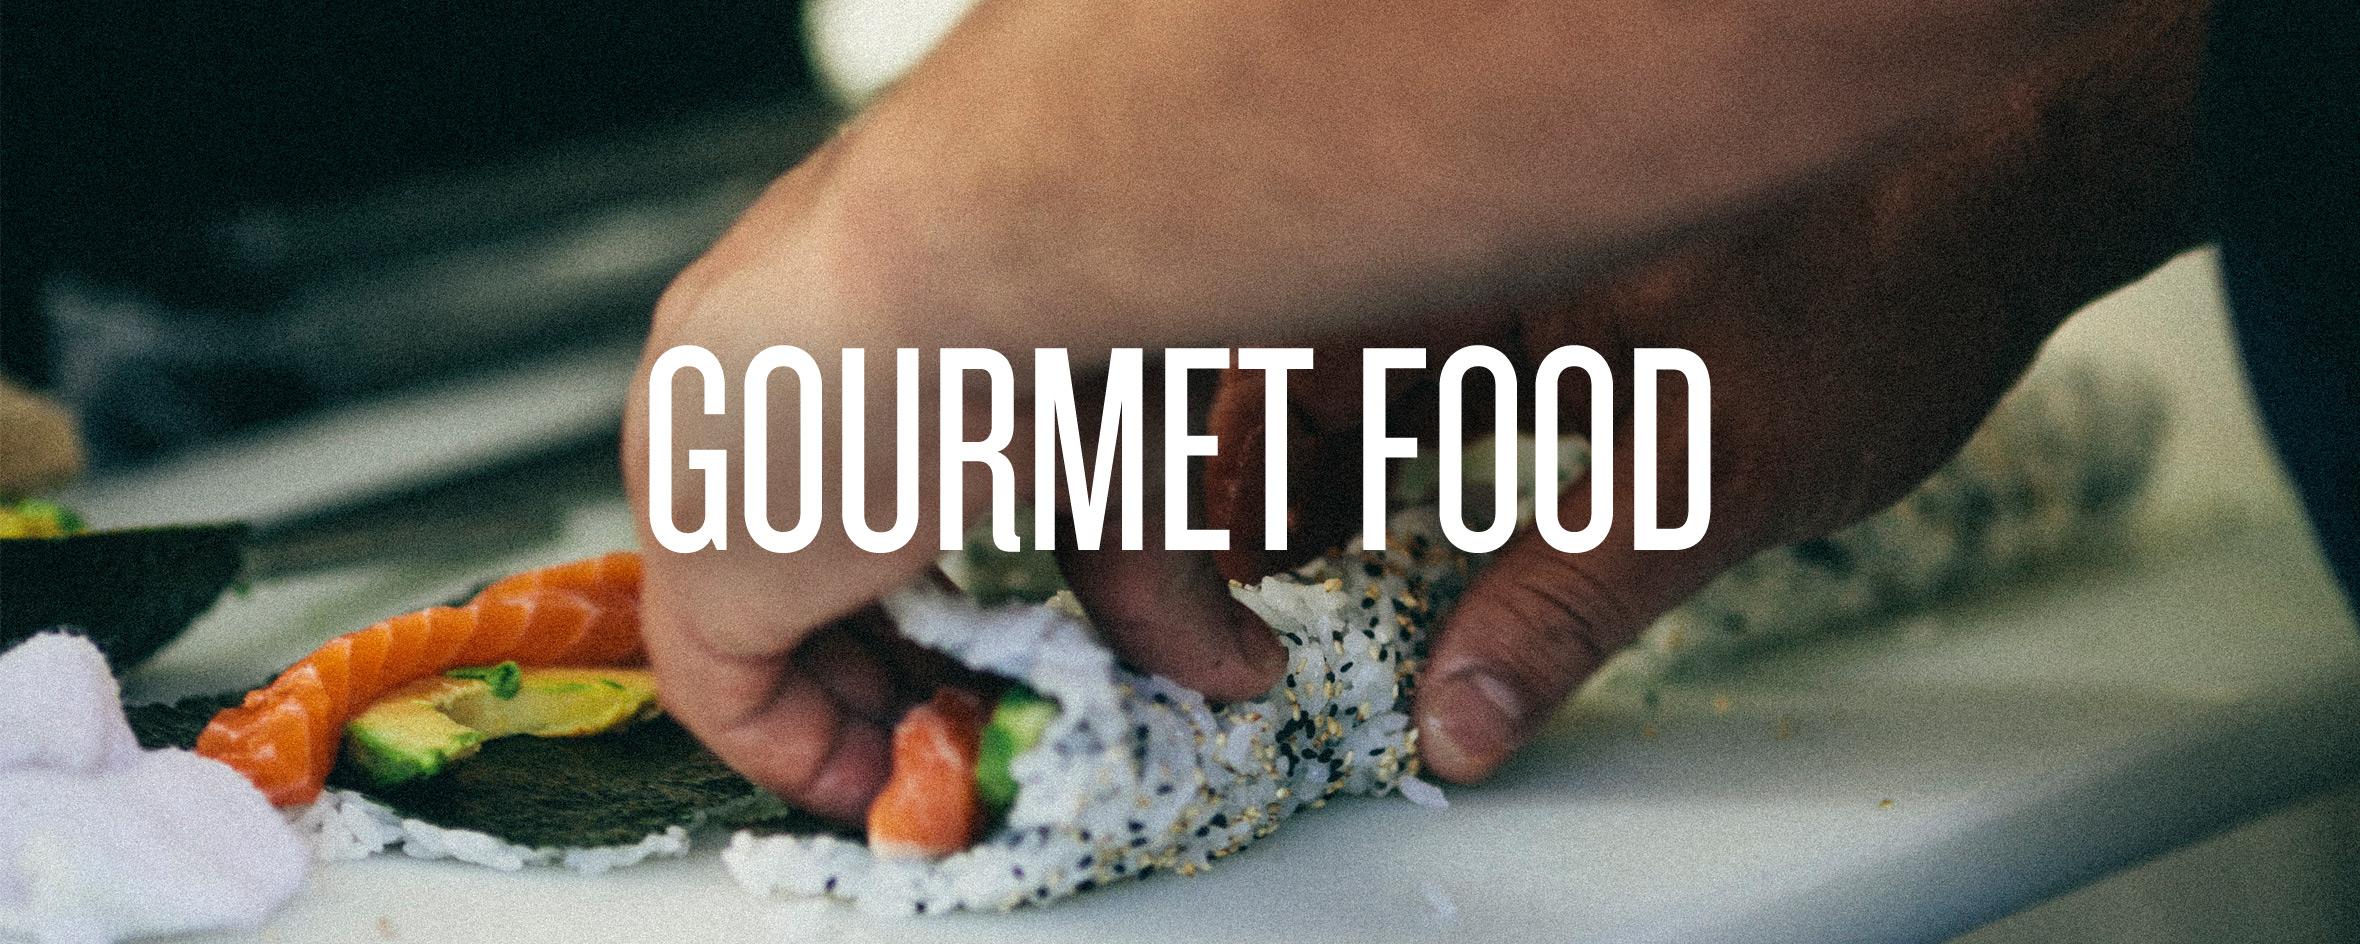 03_gourmet2 palo alto